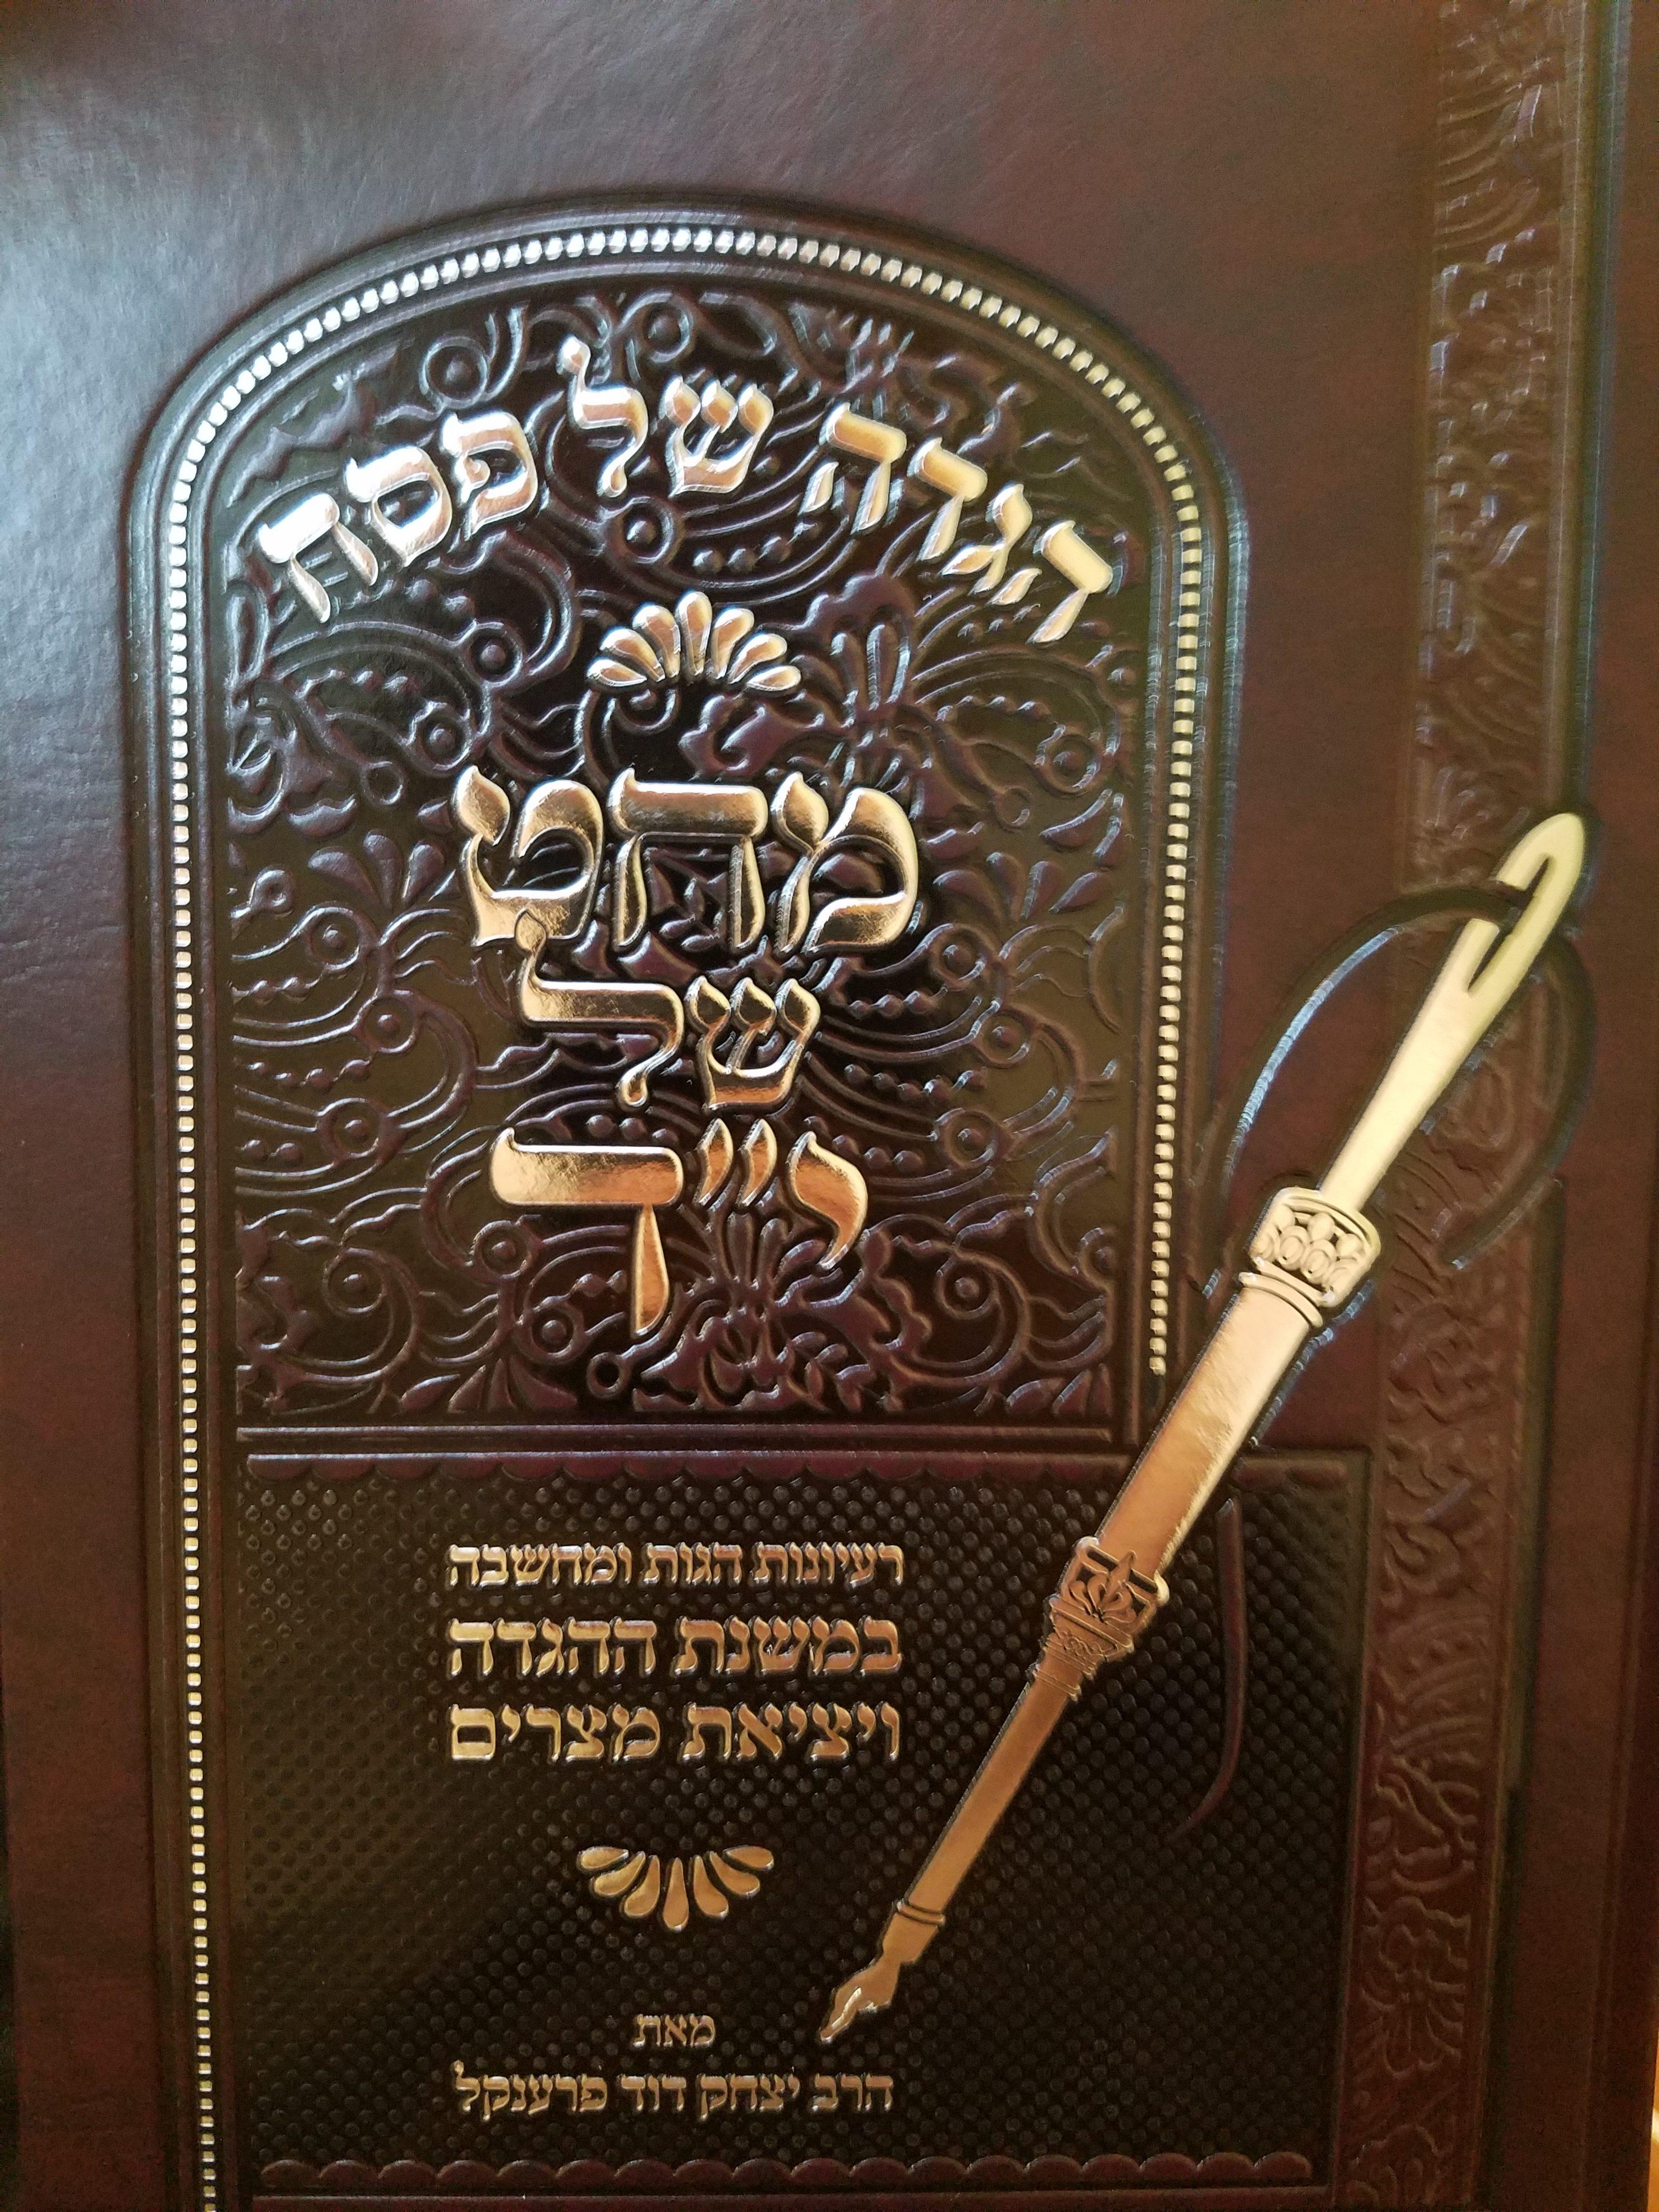 Rav Yitzchok Frankel's New Hagaddah: Seforim in Review